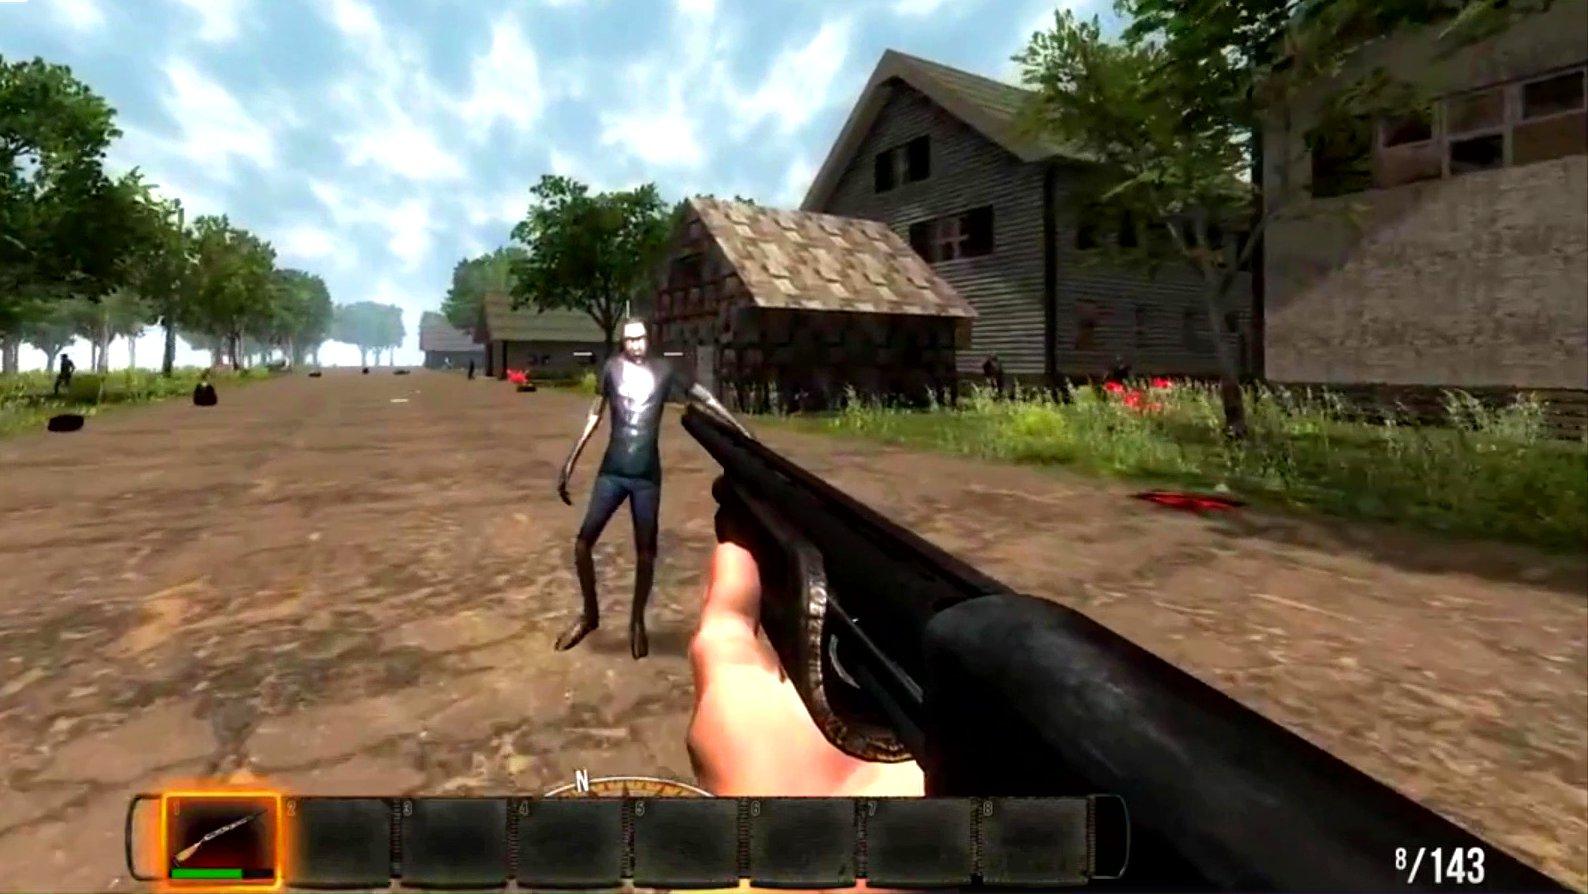 Gamer im Videospiel, 2015.